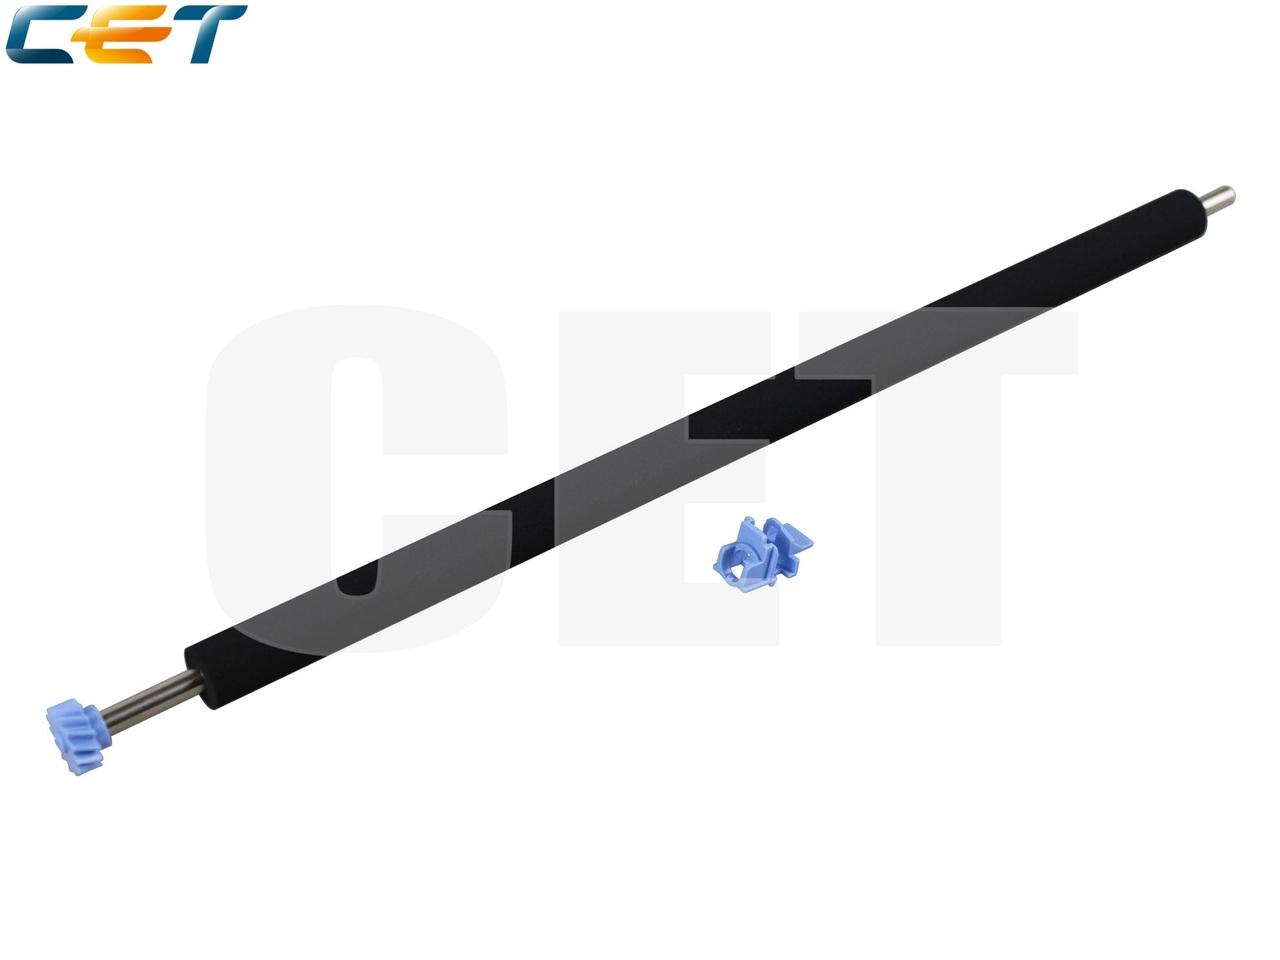 Ролик переноса с шестерней CF235-67910 для HP LaserJetEnterprise 700 M712/M725/M701/M706 (CET), CET2616